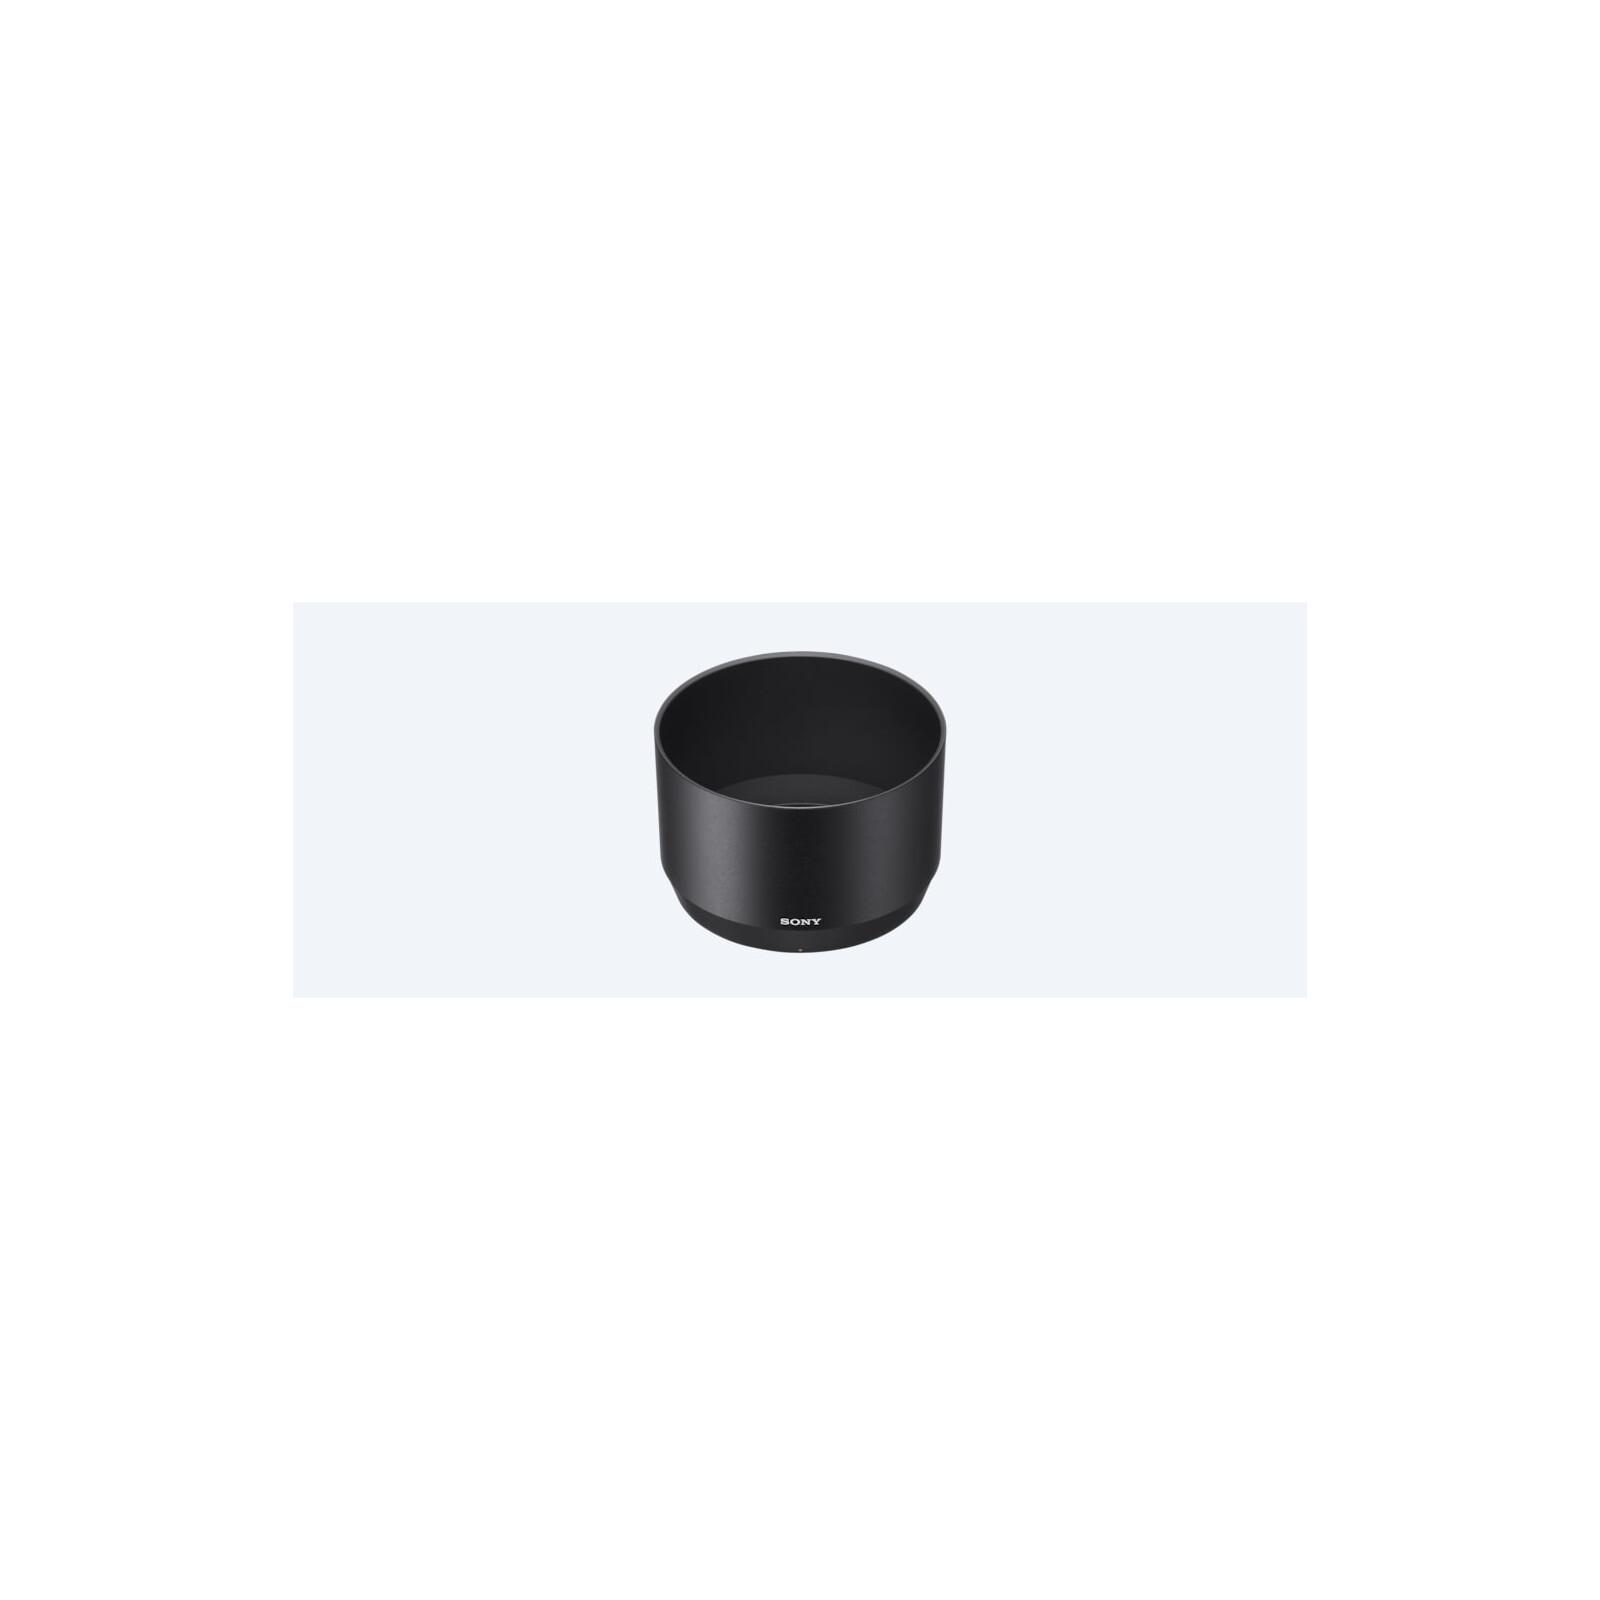 Sony ALC-SH144 Gegenlichtblende